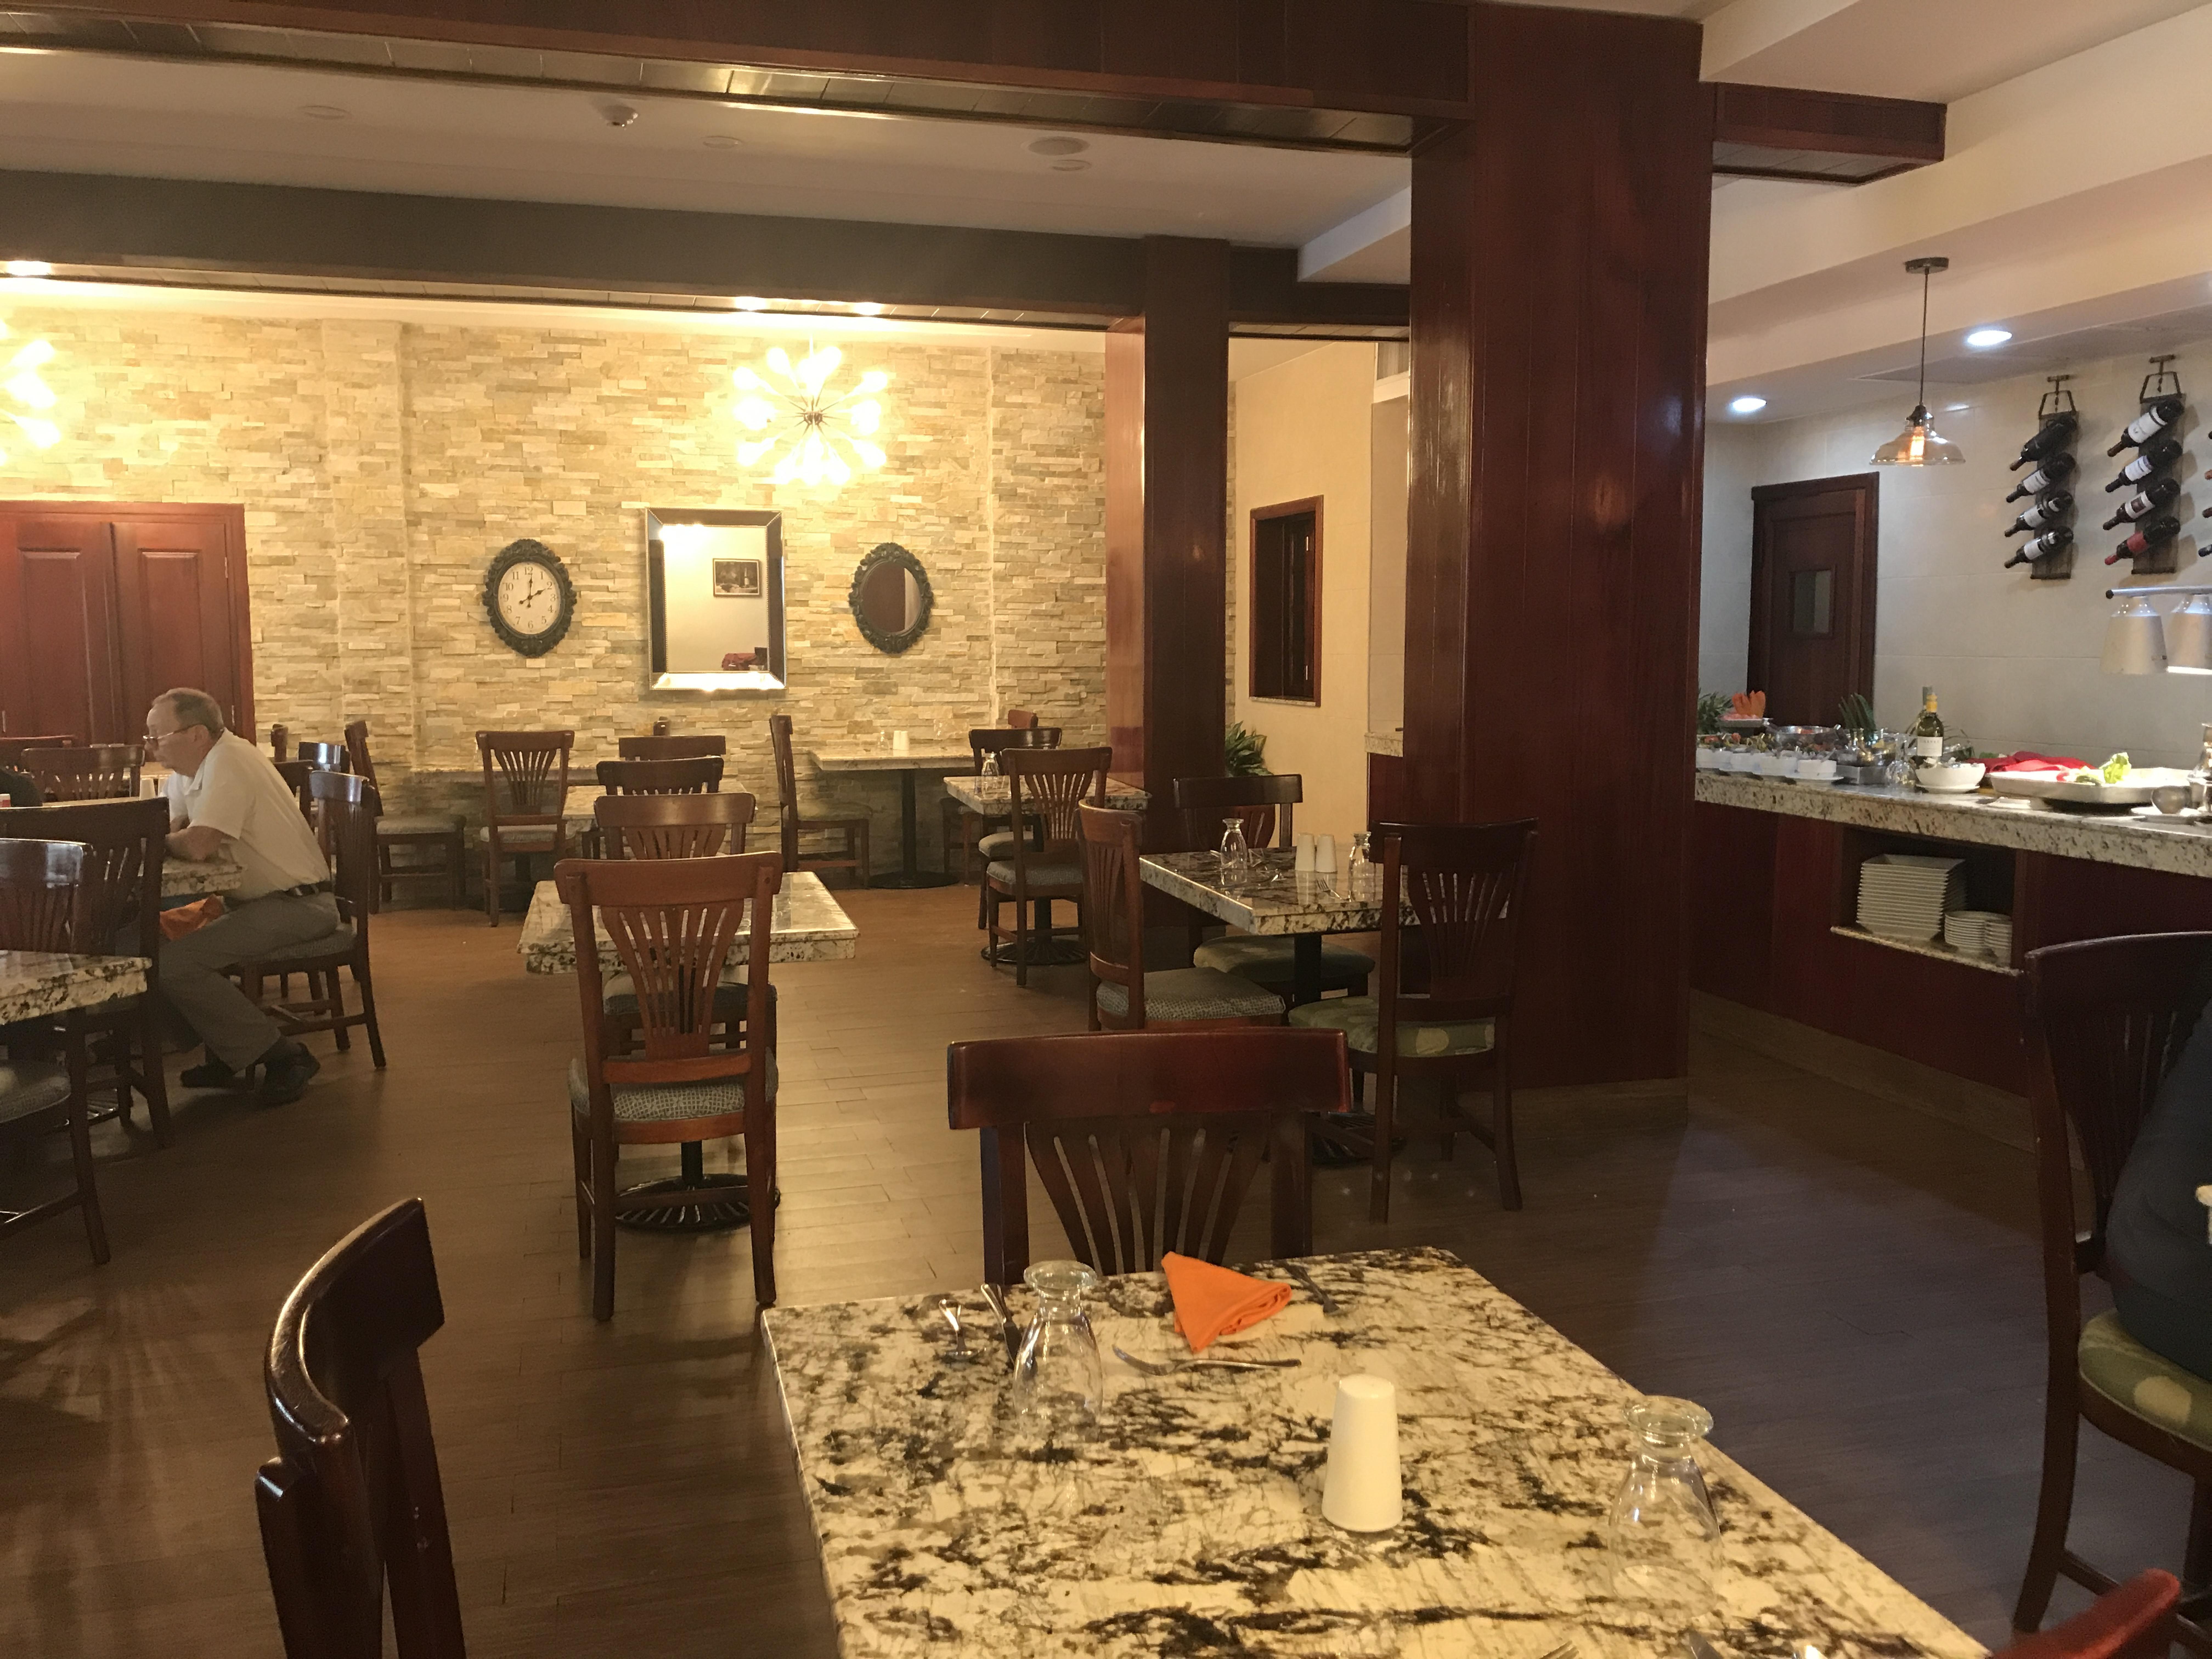 Belize Biltmore Plaza Hotel